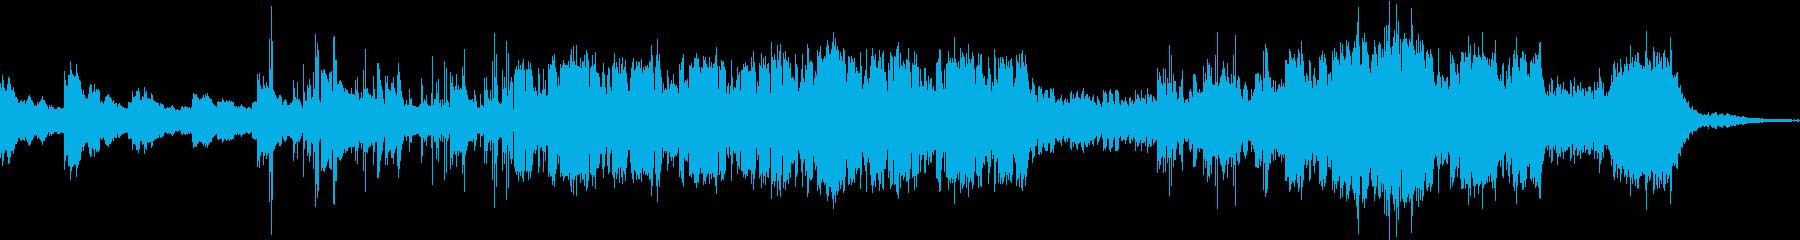 考え中シリアス調の幻想的空間系BGMの再生済みの波形